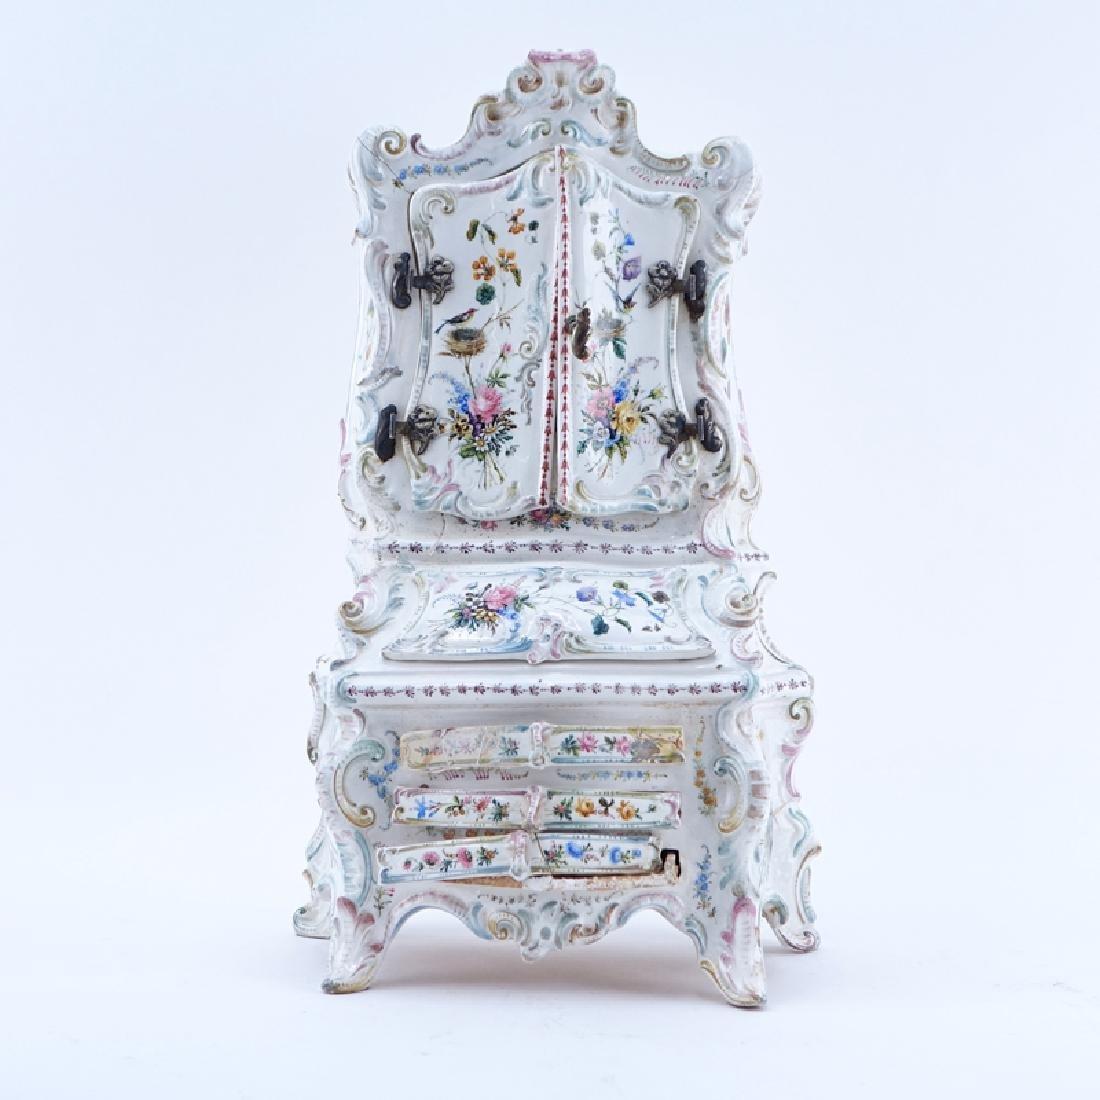 18/19th Century Italian Faience Tabletop Armoire.